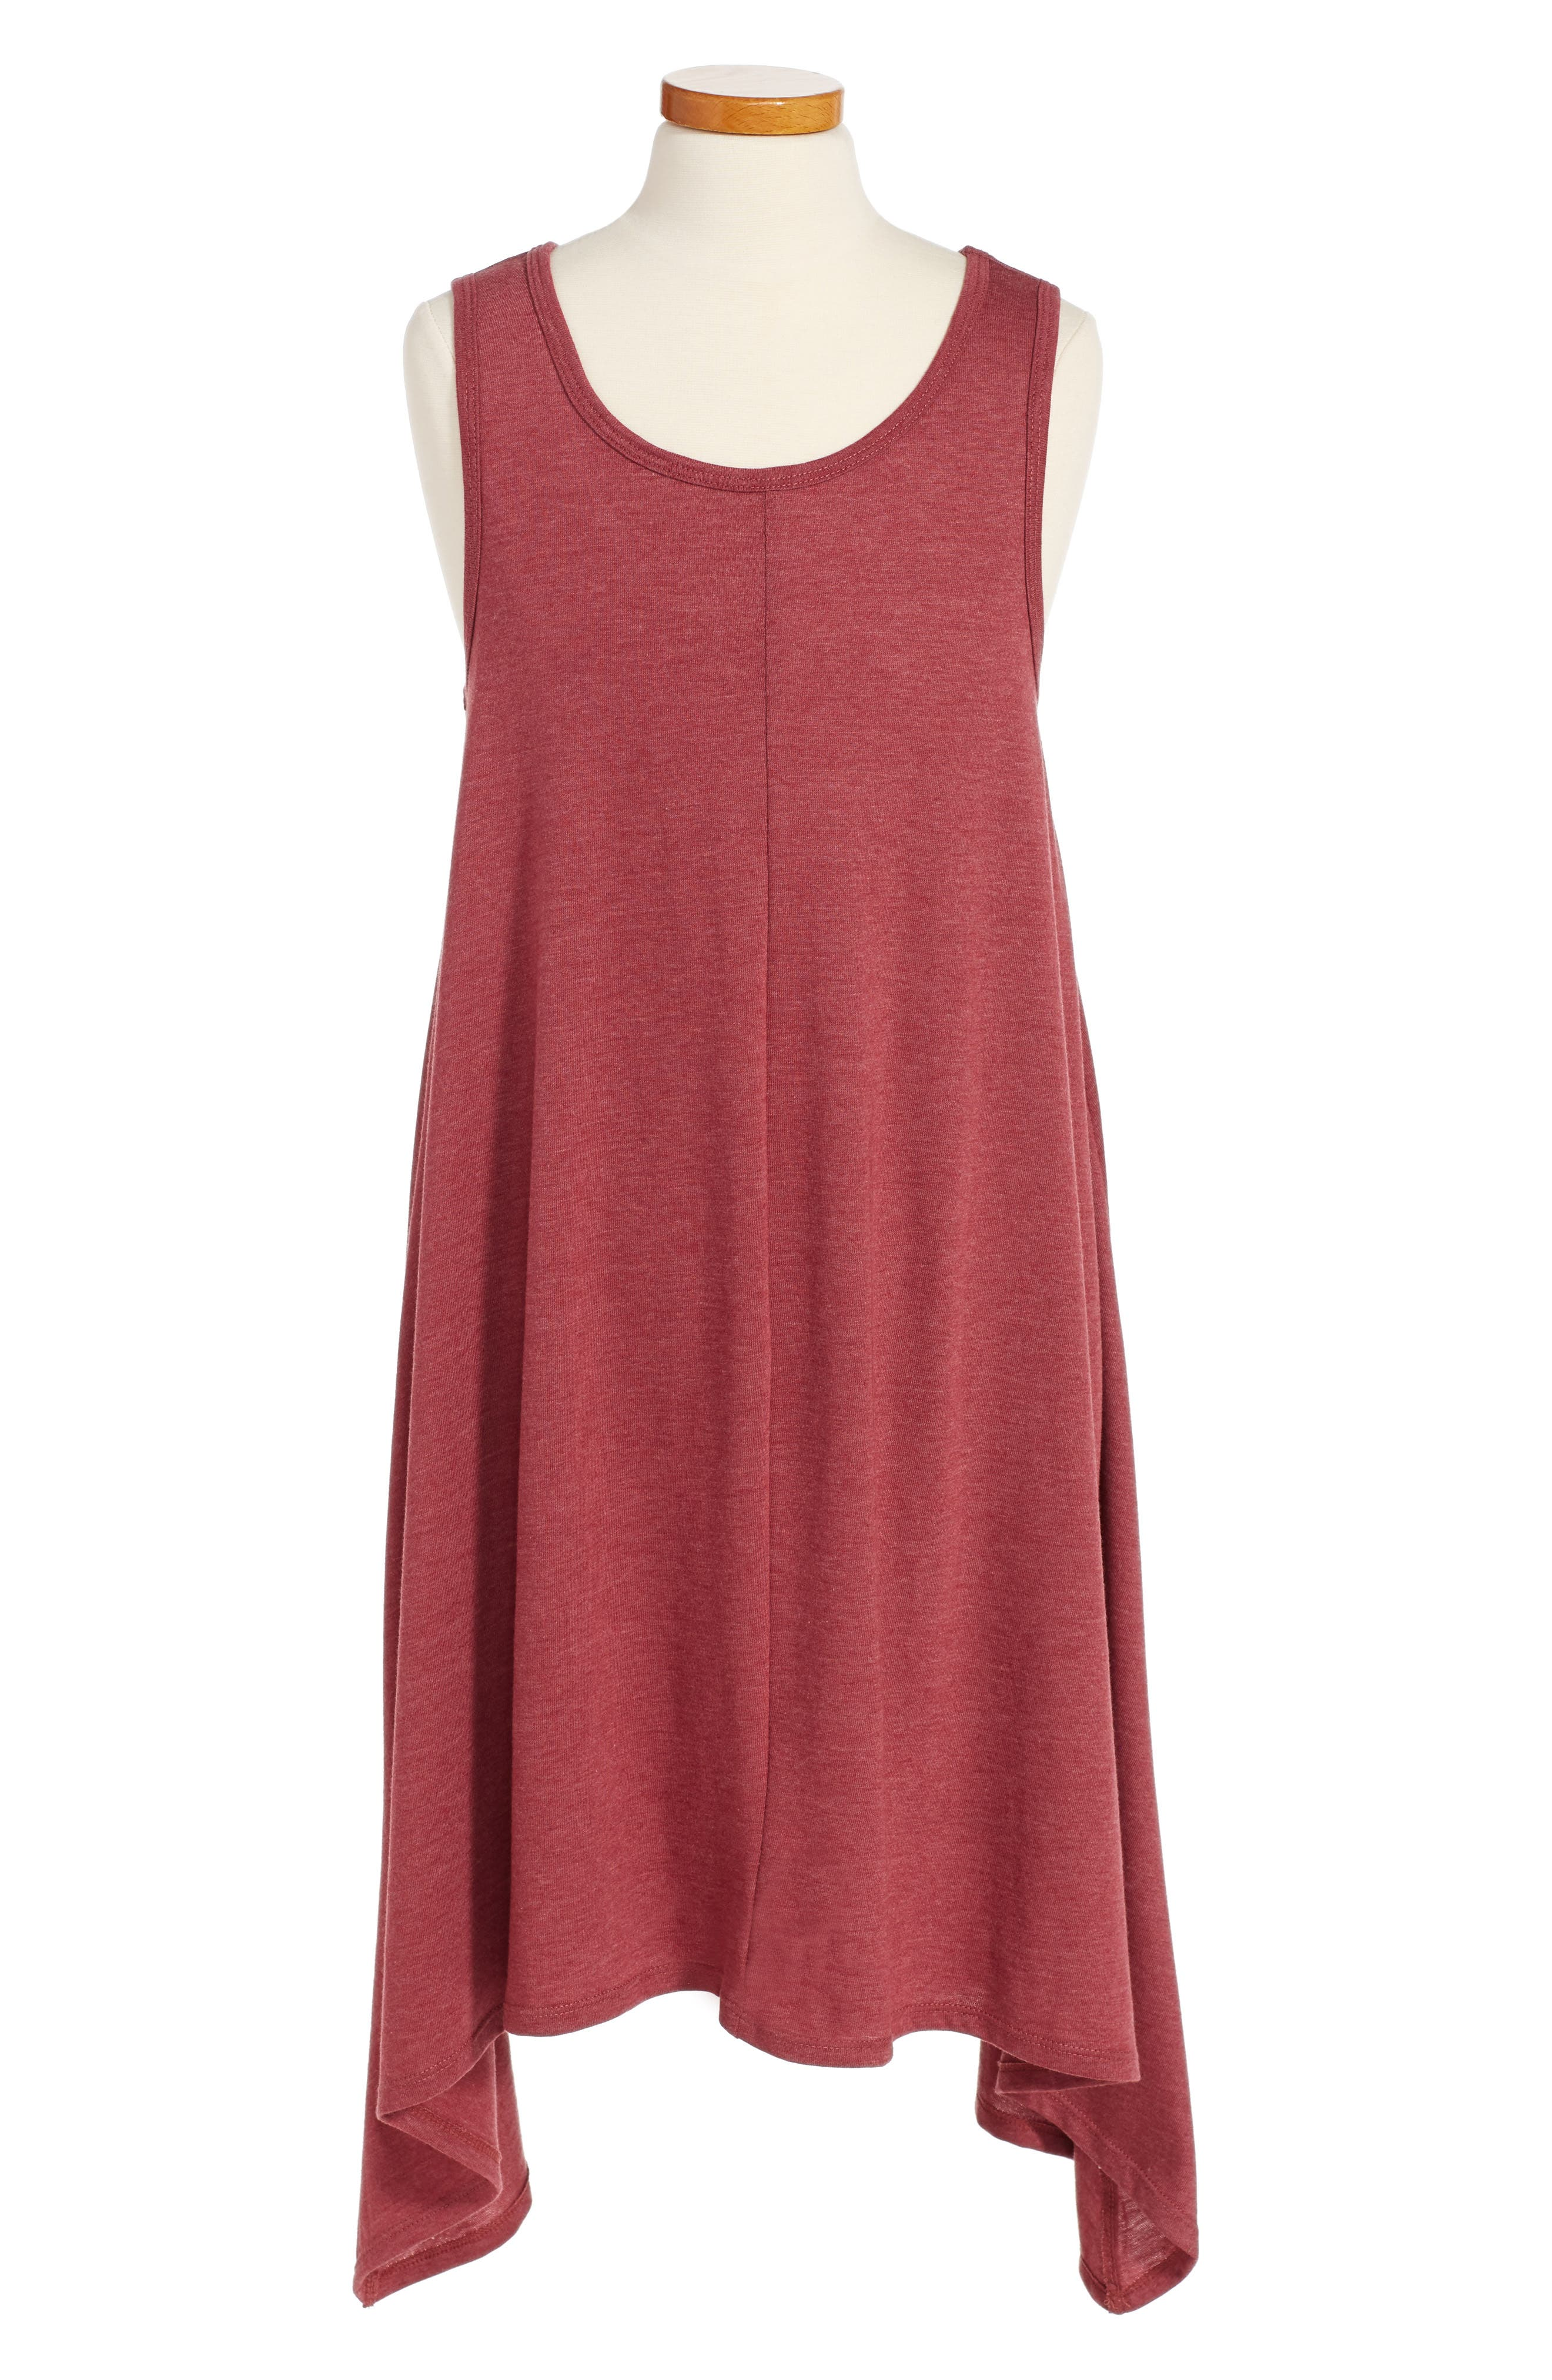 Maddie Sleeveless Knit Dress (Big Girls)